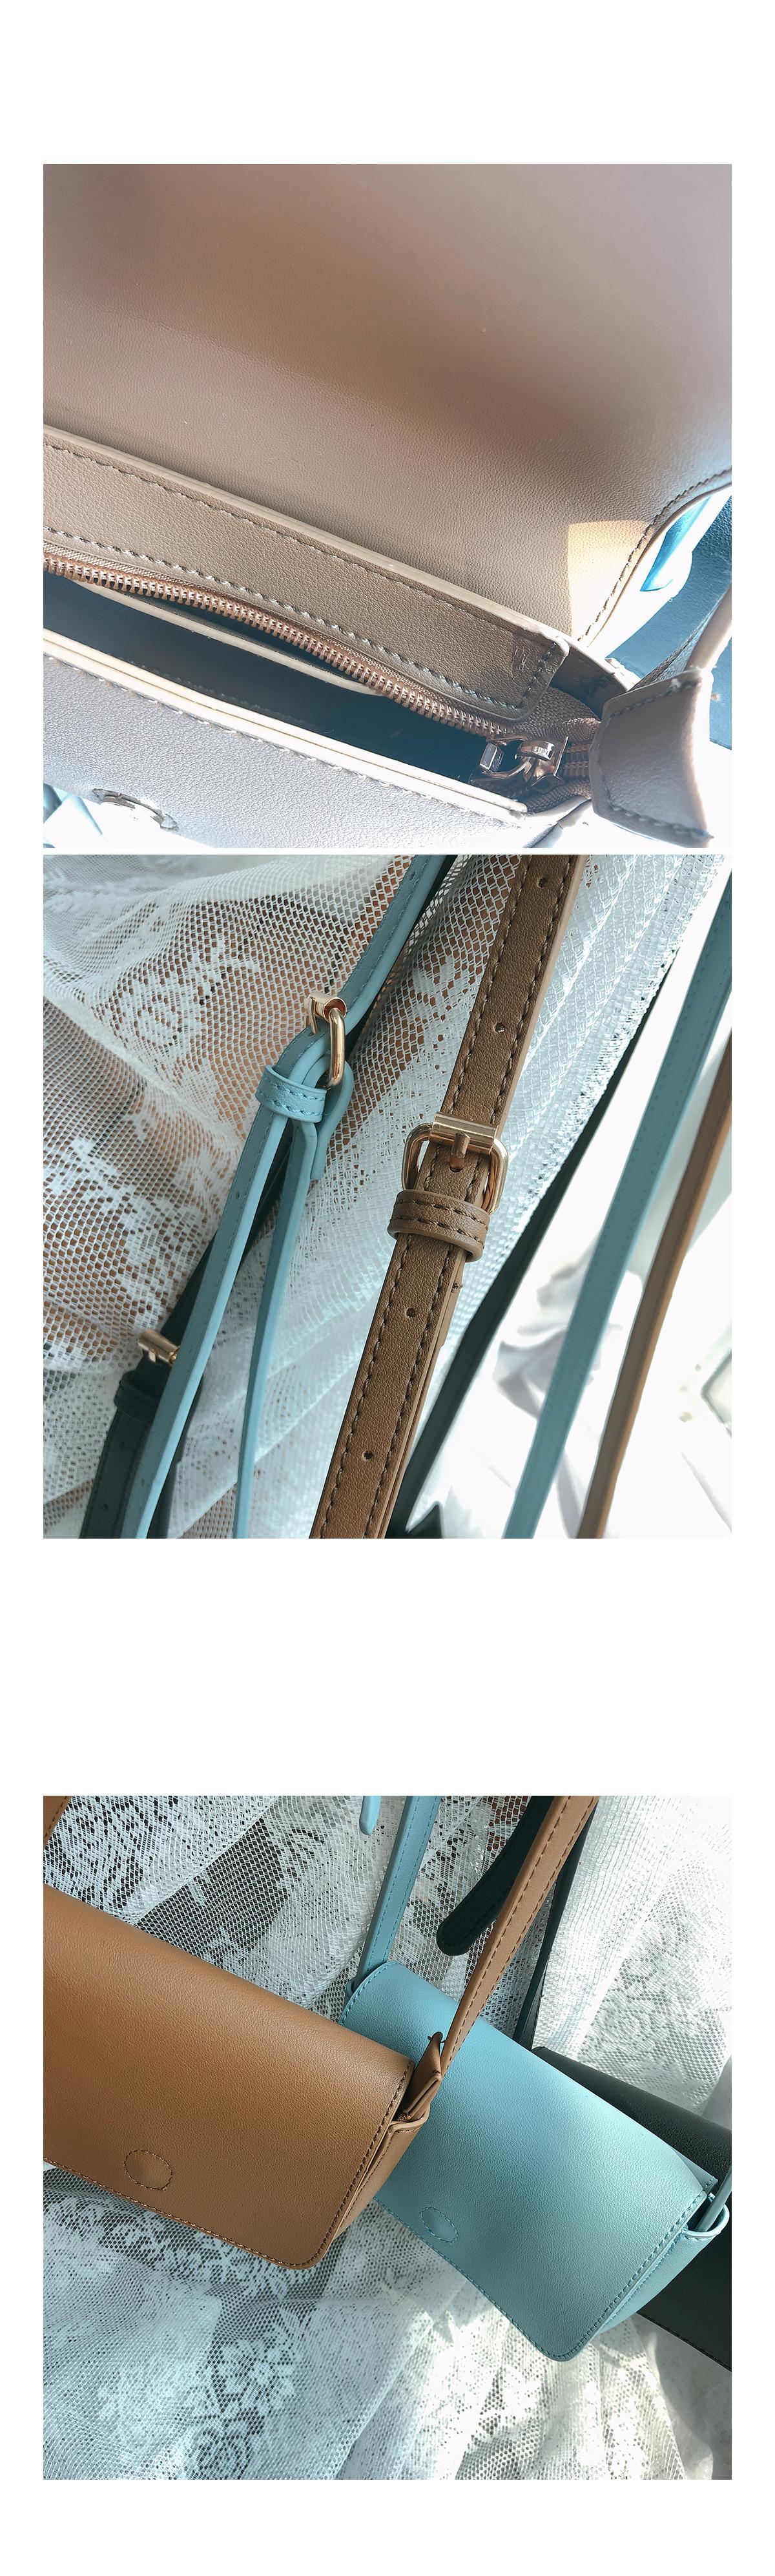 Serial cross bag